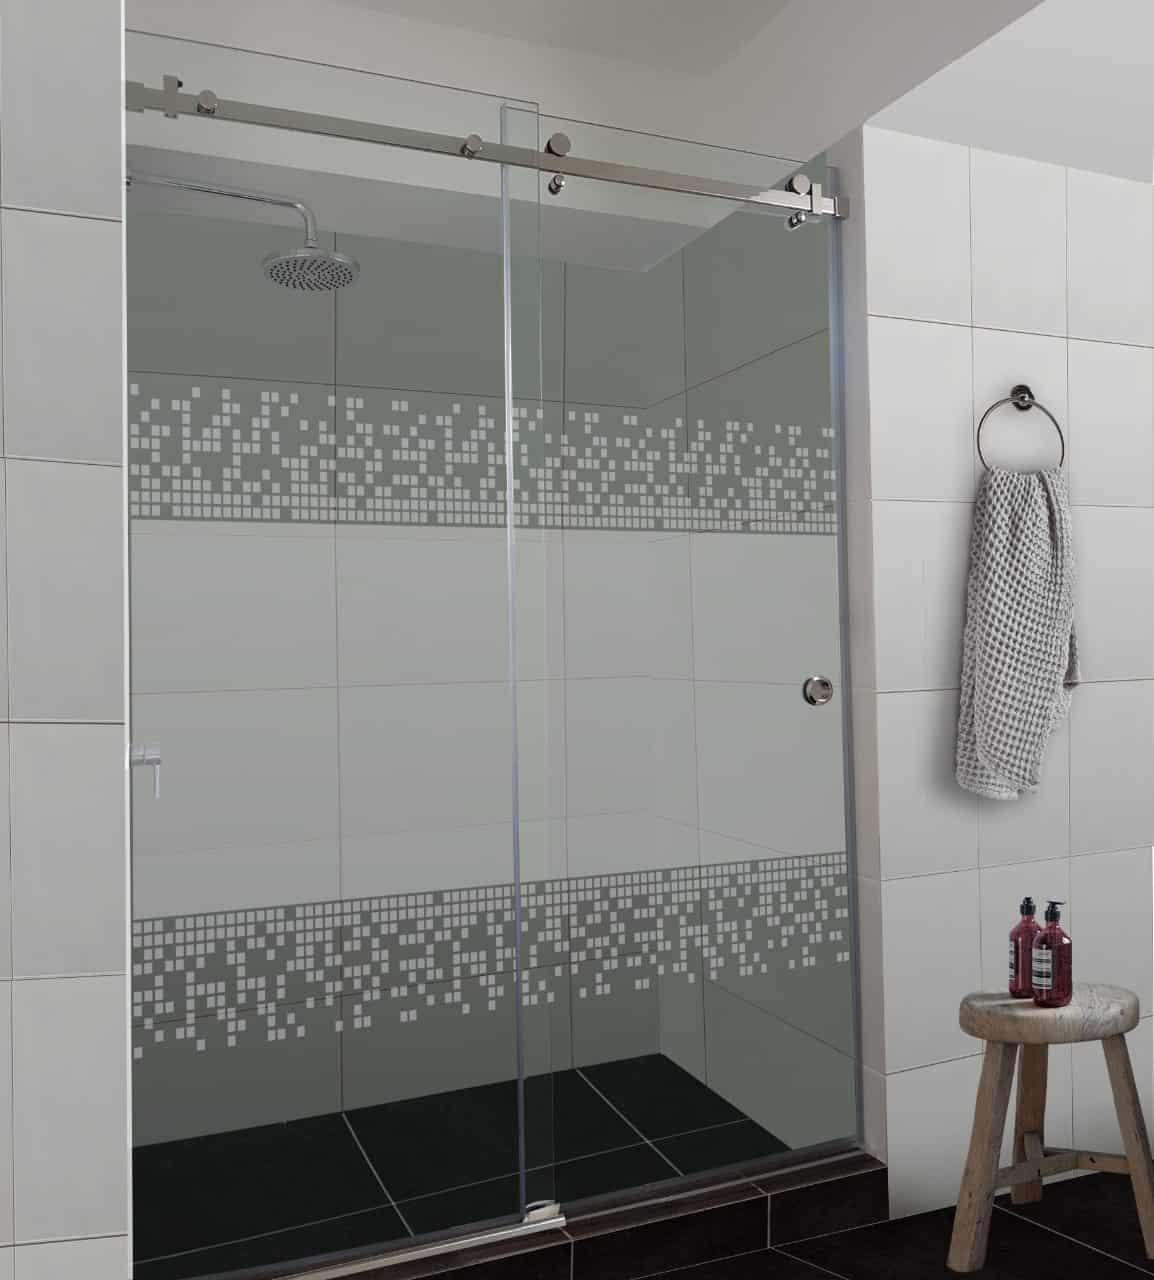 division de baño premium 17 (5)